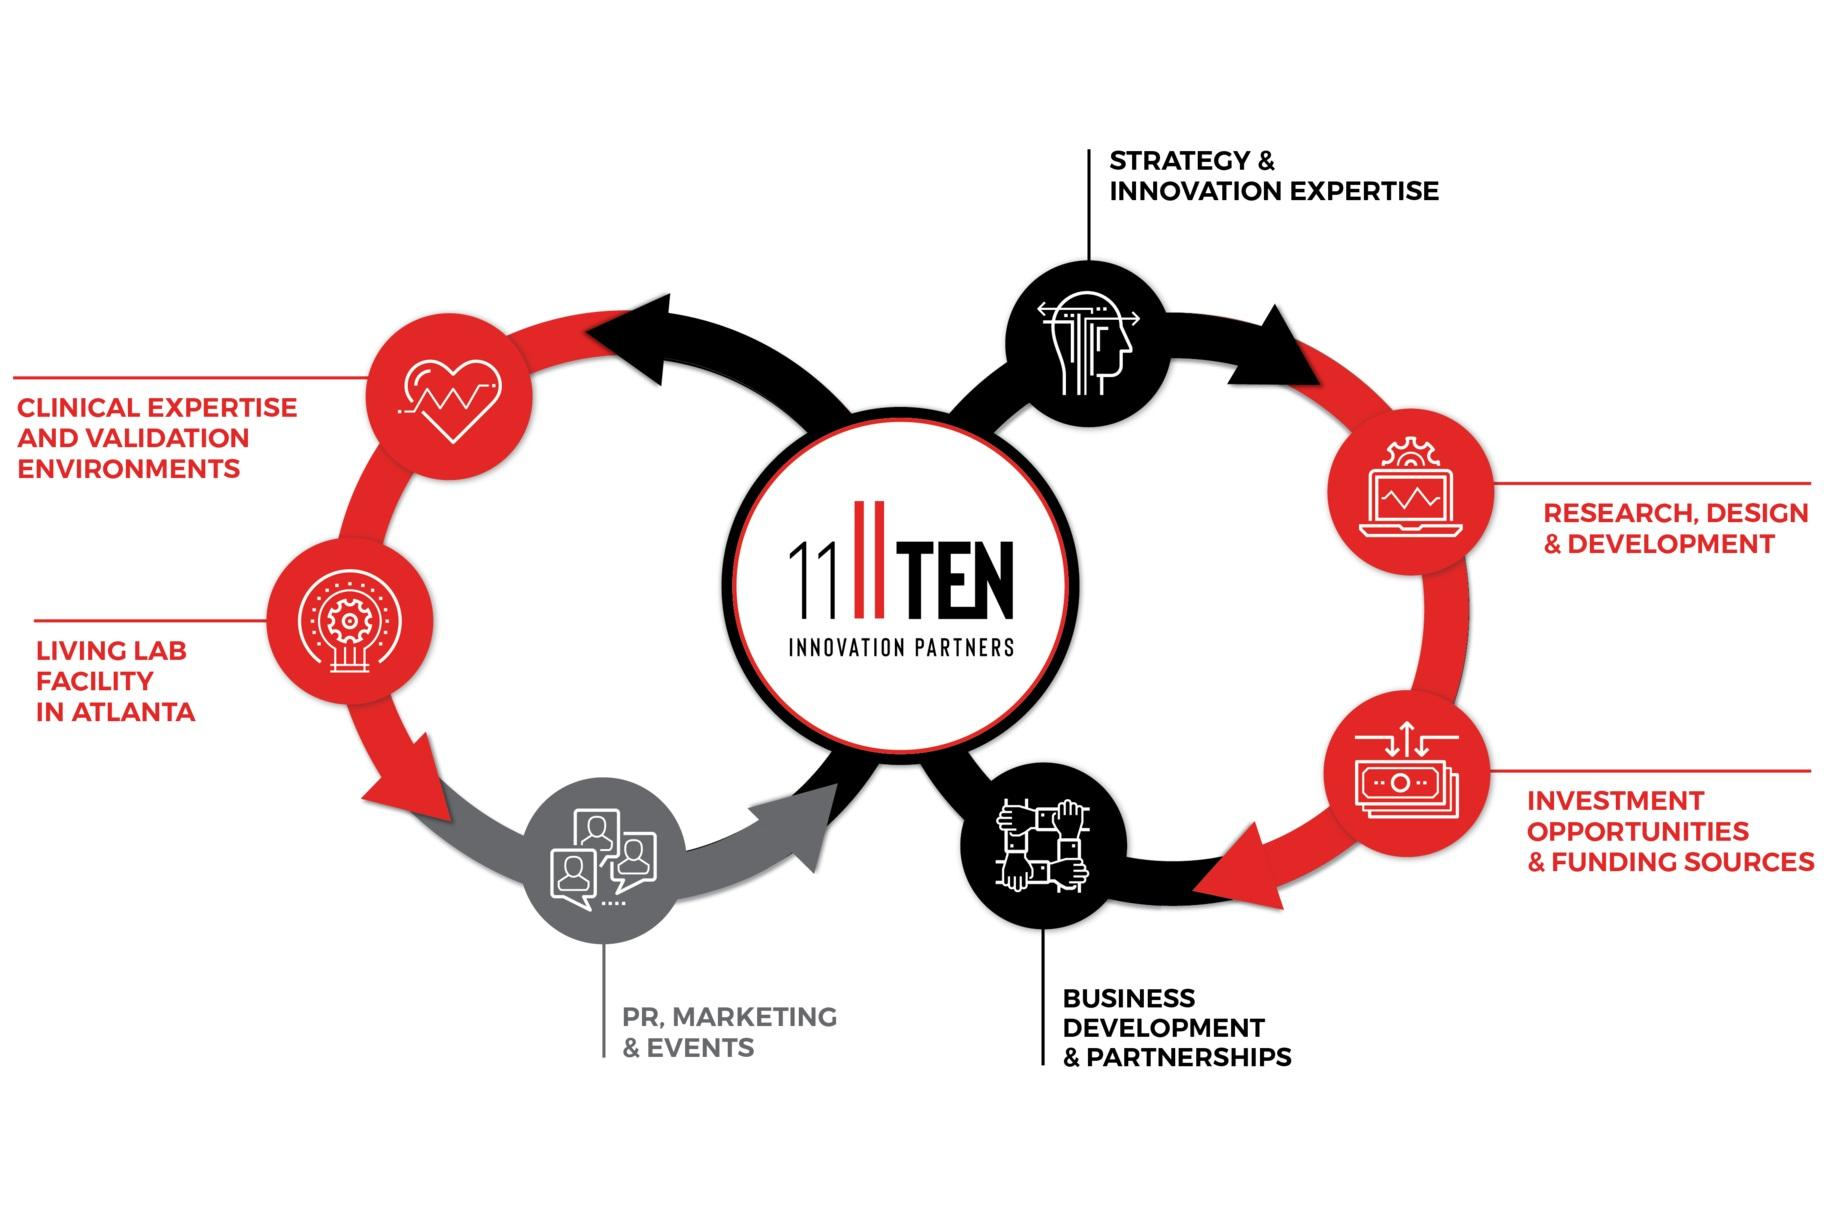 11_TEN_Ecosystem_Infographic_FINAL_061319-01.jpg